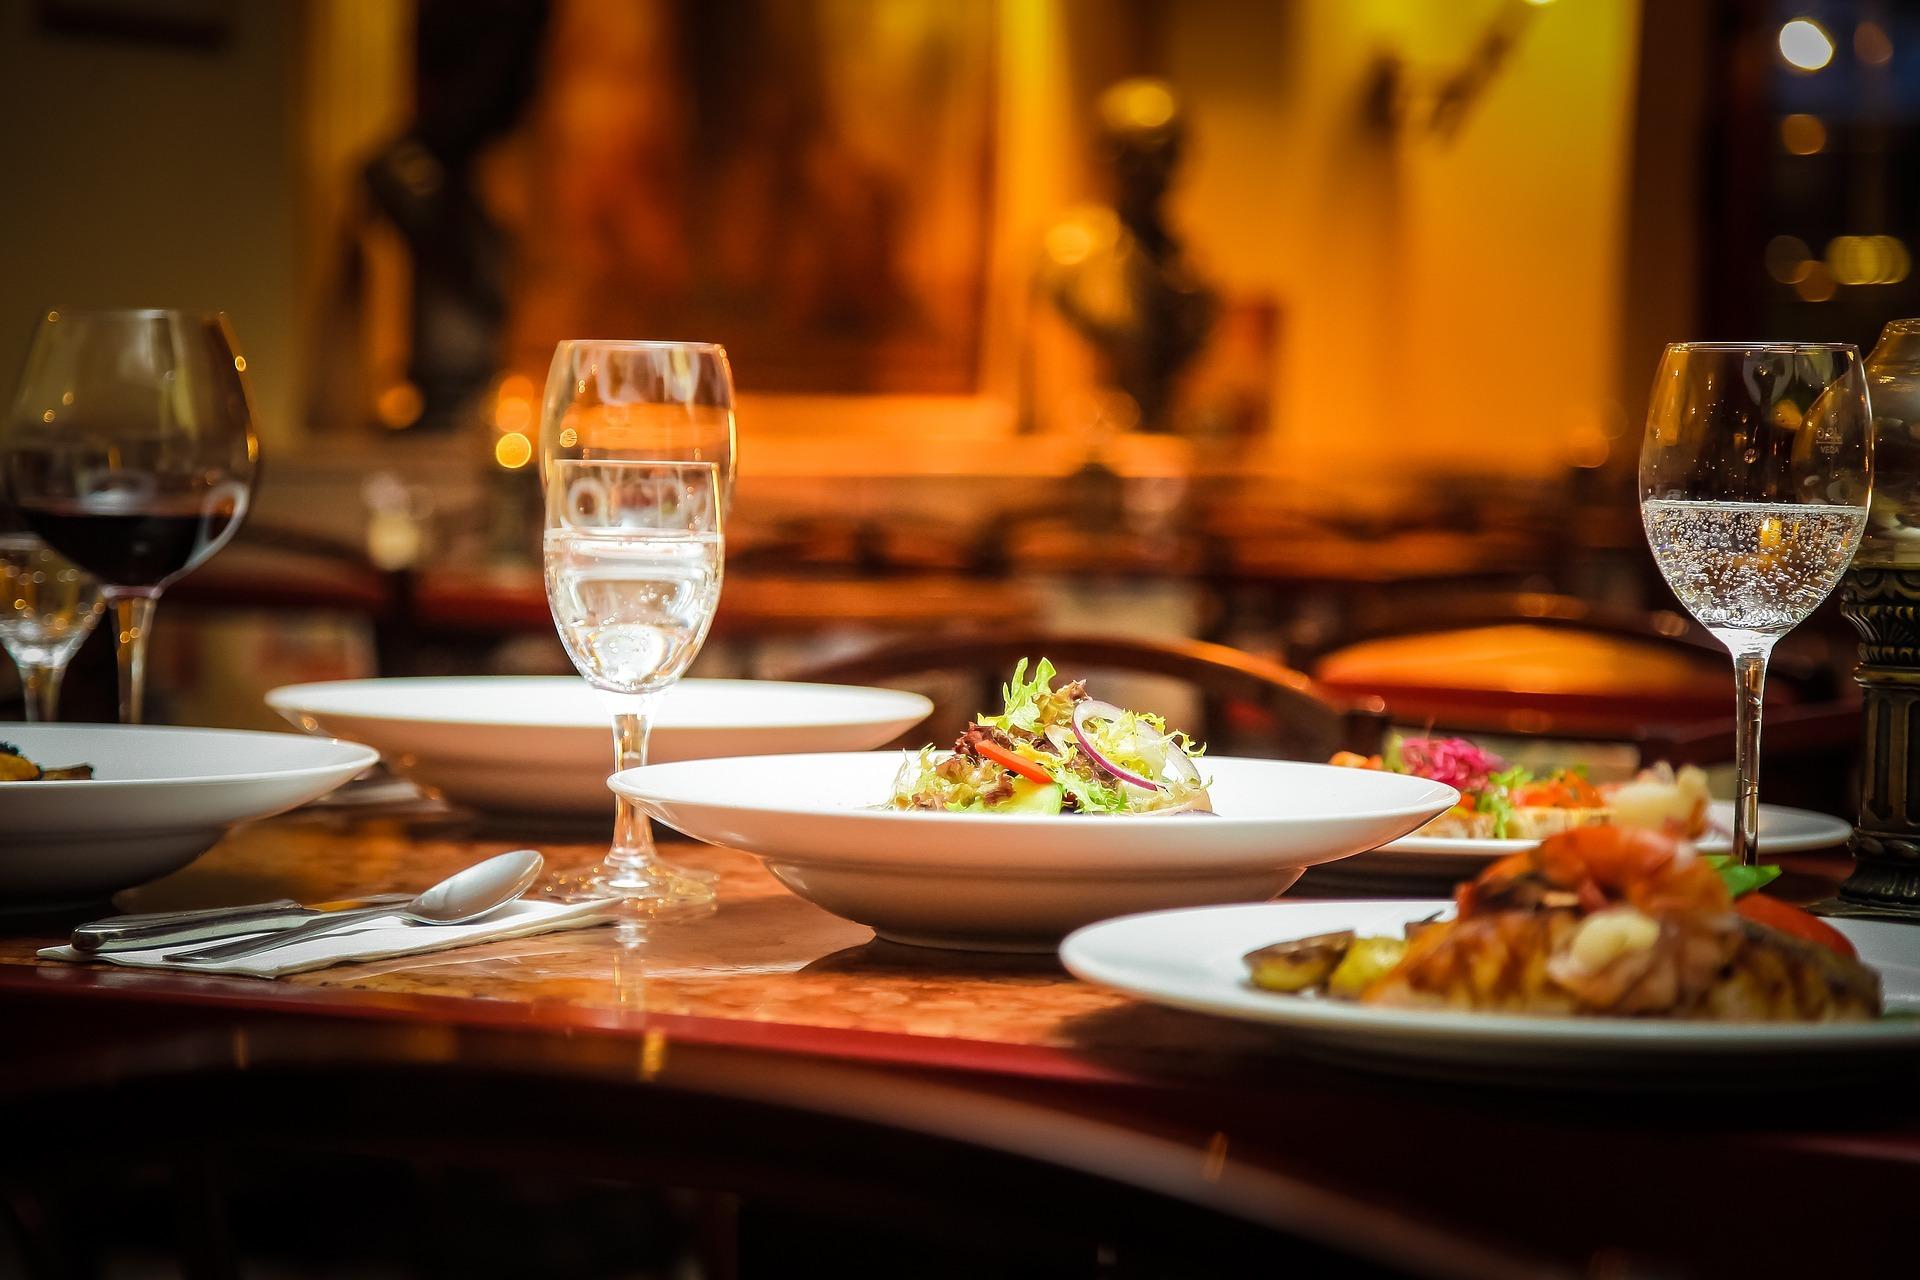 山中湖周辺でおしゃれなグルメが楽しめるディナー18選!おいしいお店をご紹介!